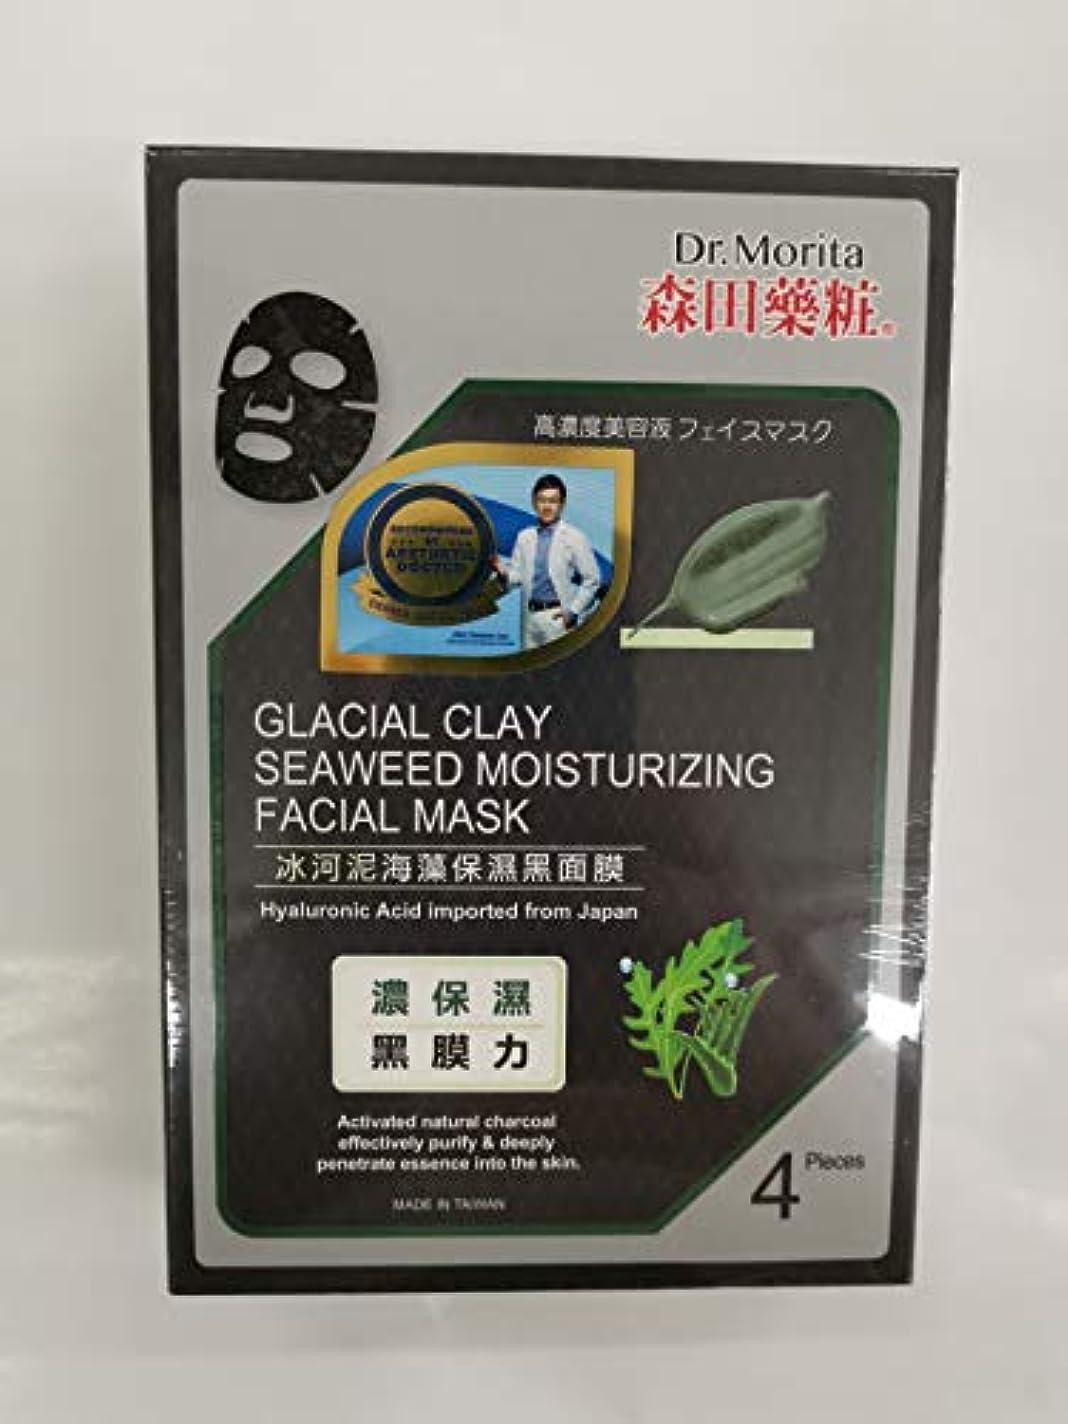 トランペット病弱ボランティアDoctor Morita 氷のような粘土の海藻保湿フェイシャルマスク4 - 肌に深く入り、効果的に浄化し、肌に潤いを与え、弾力を保ちます